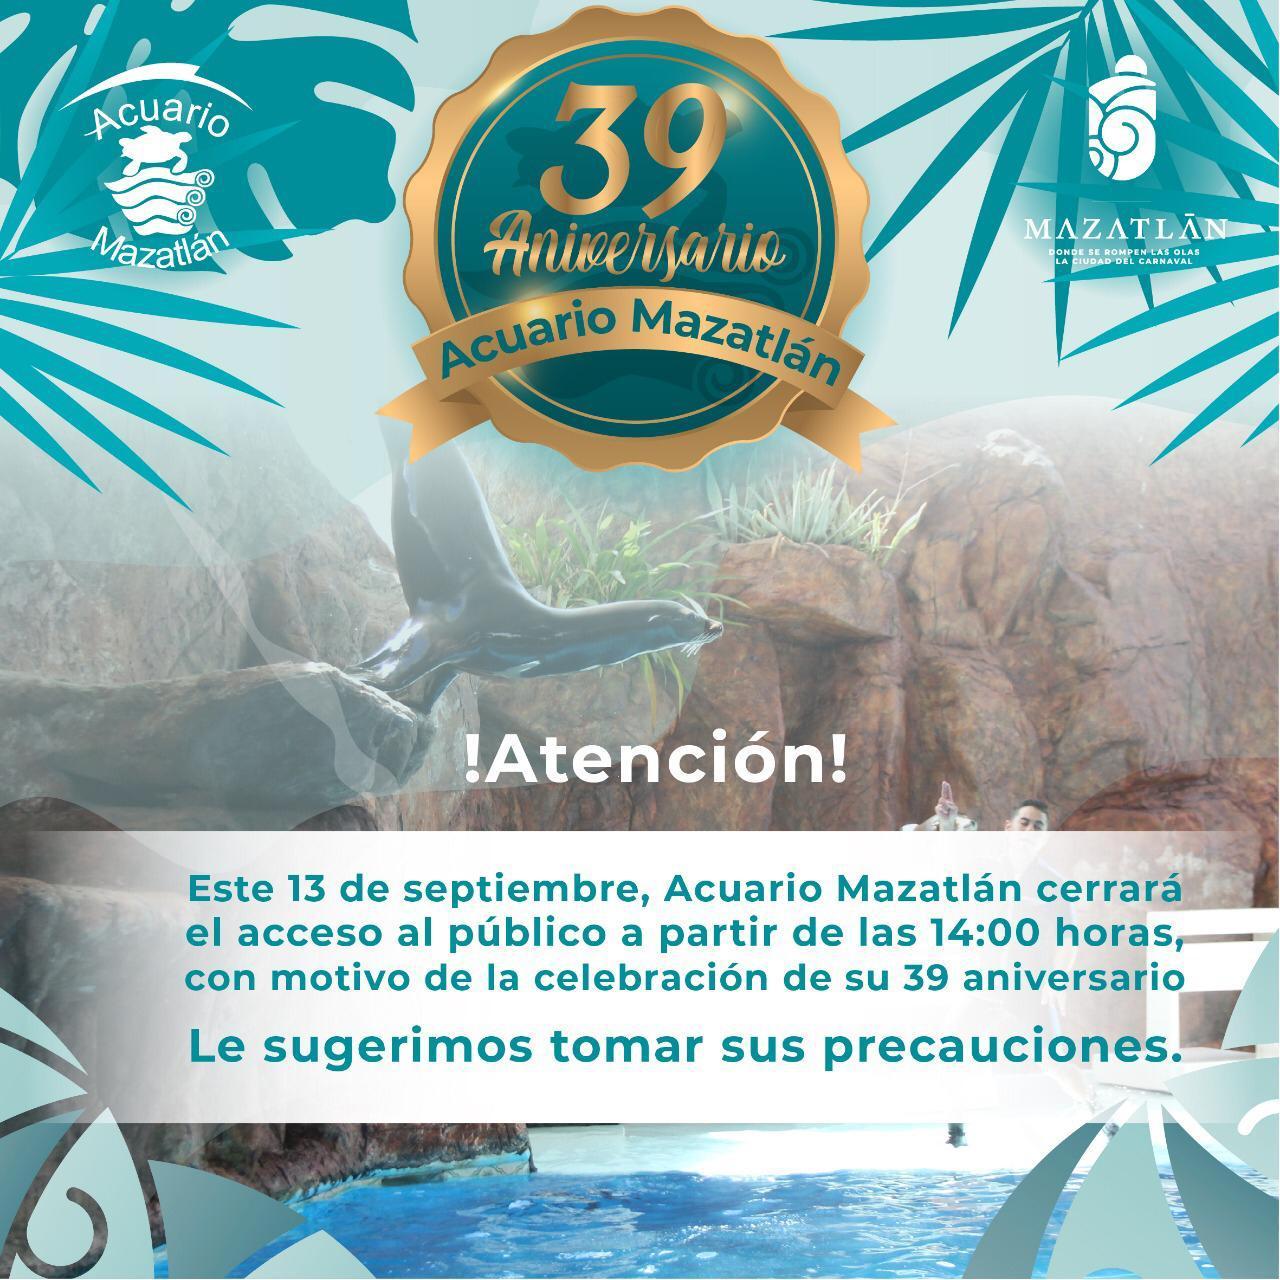 Celebra con Acuario Mazatlán su 39 aniversario y aprovecha el último día de descuentos